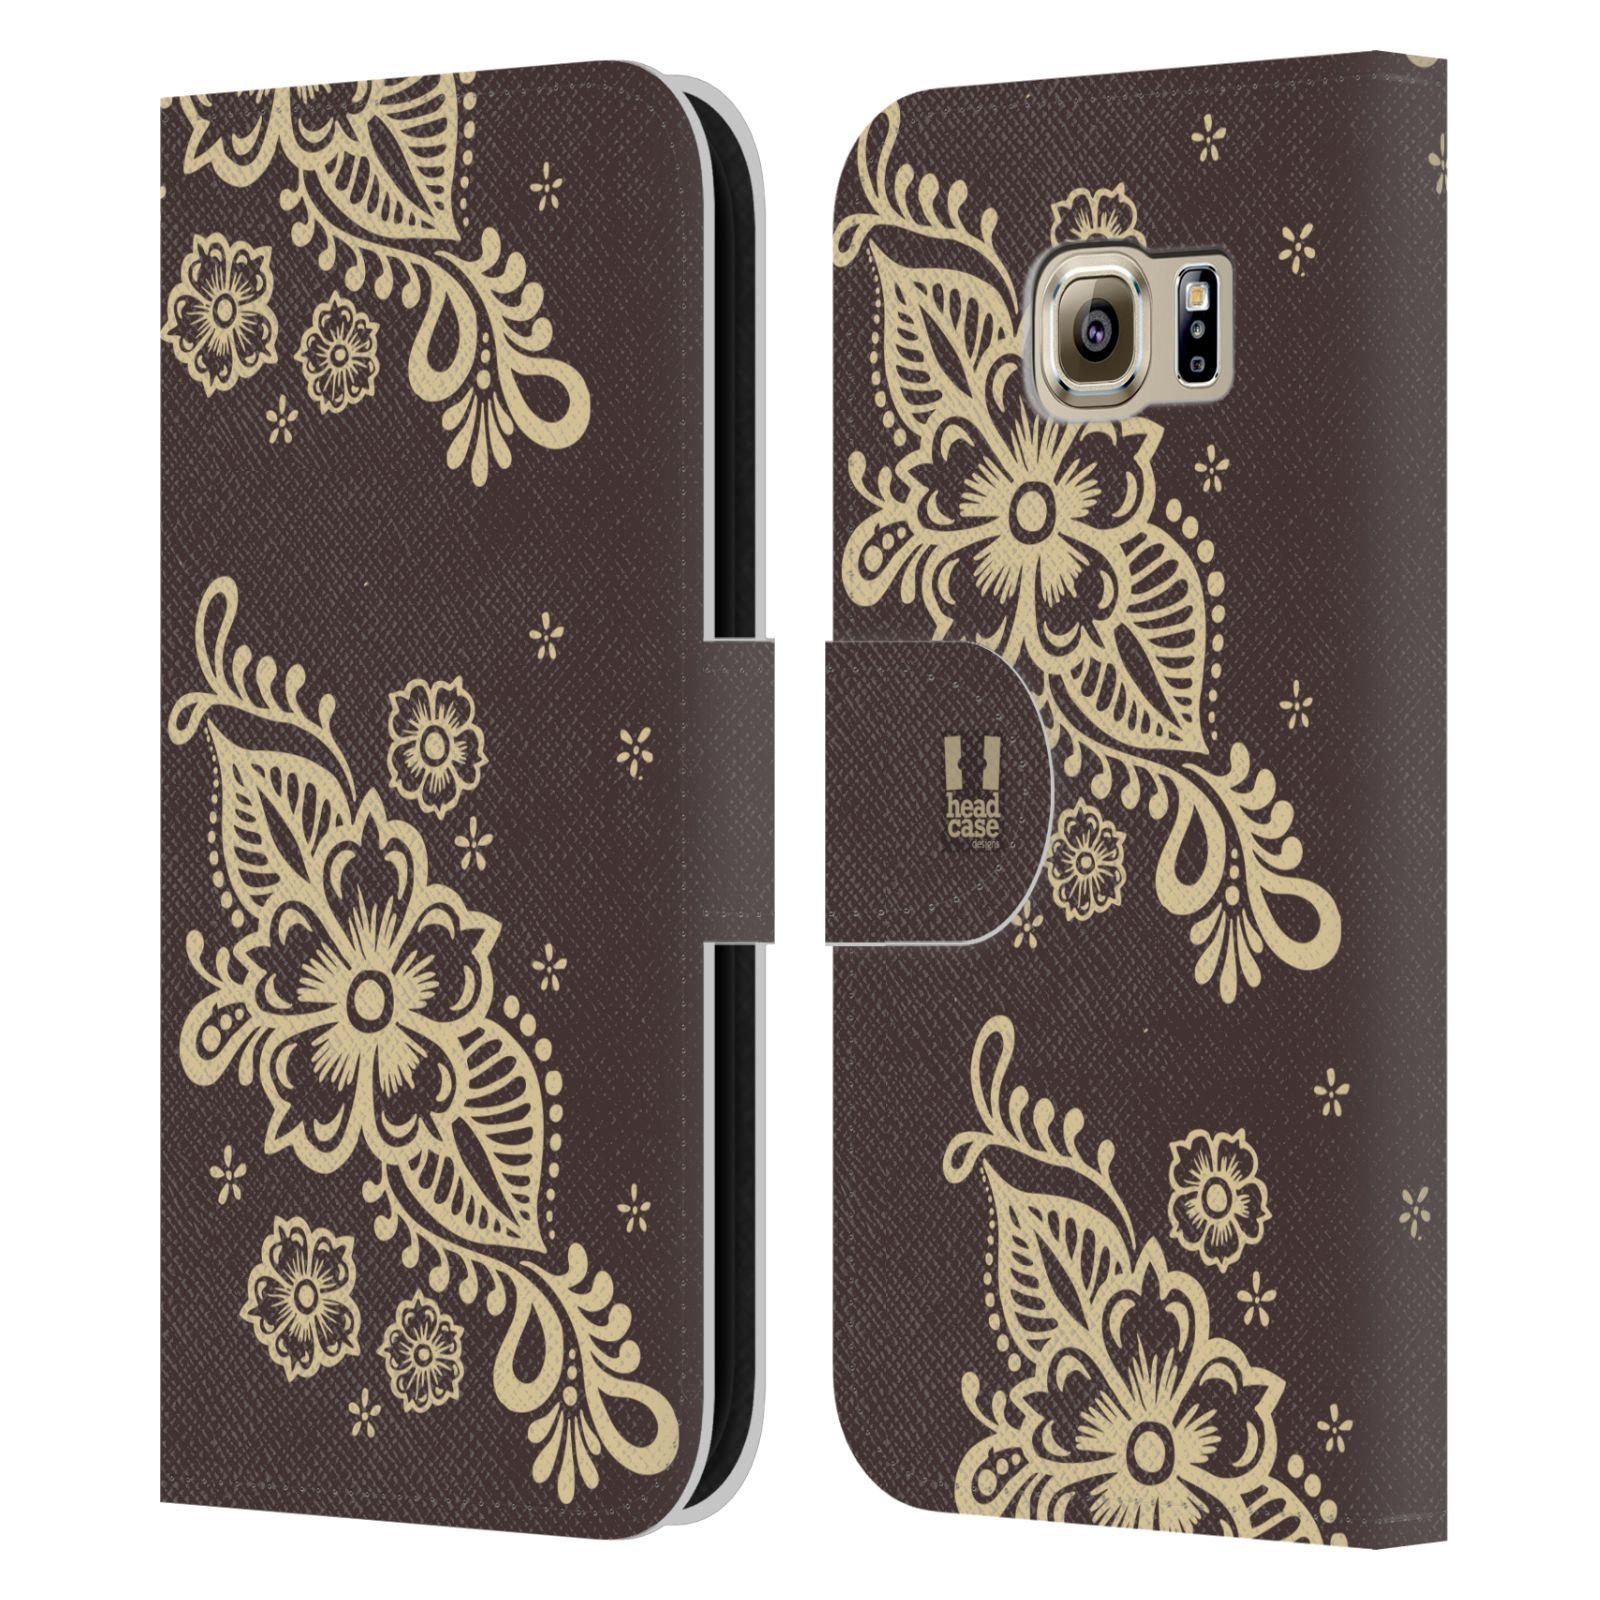 HEAD CASE Flipové pouzdro pro mobil Samsung Galaxy S6 (G9200) Hena kresba víno